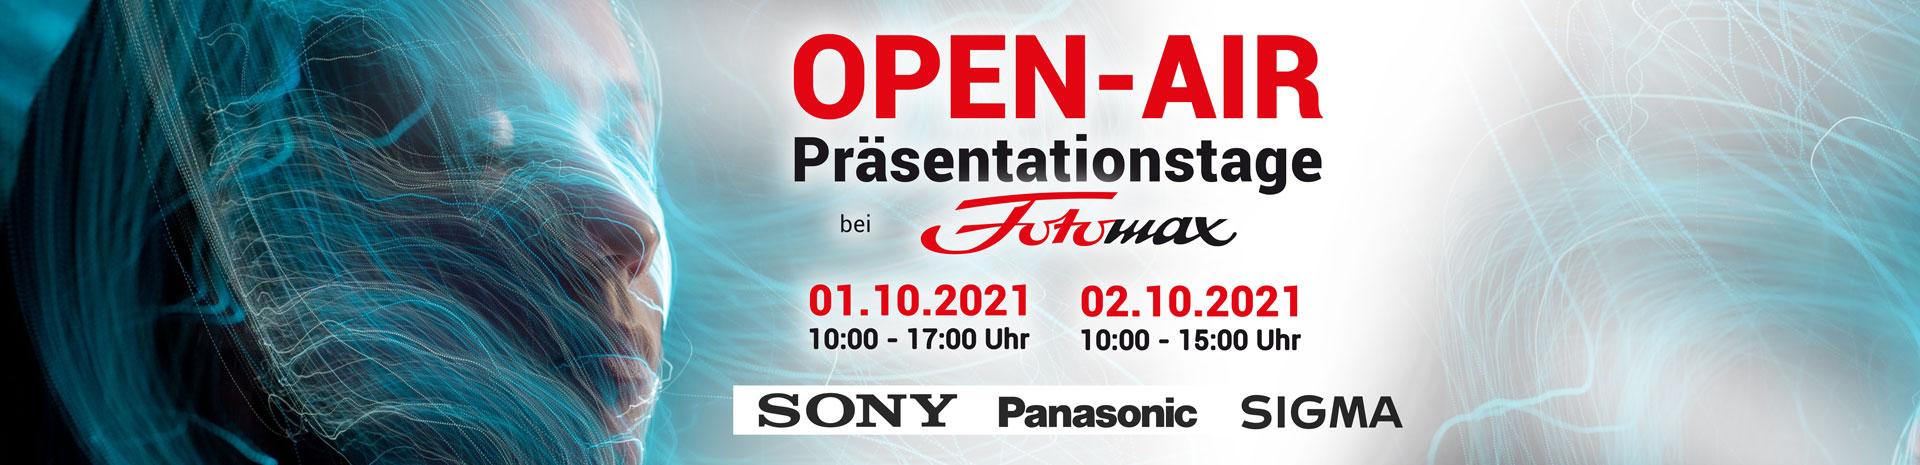 Open Air Fotomax Oktober 01.10.2021 und 02.10.2021